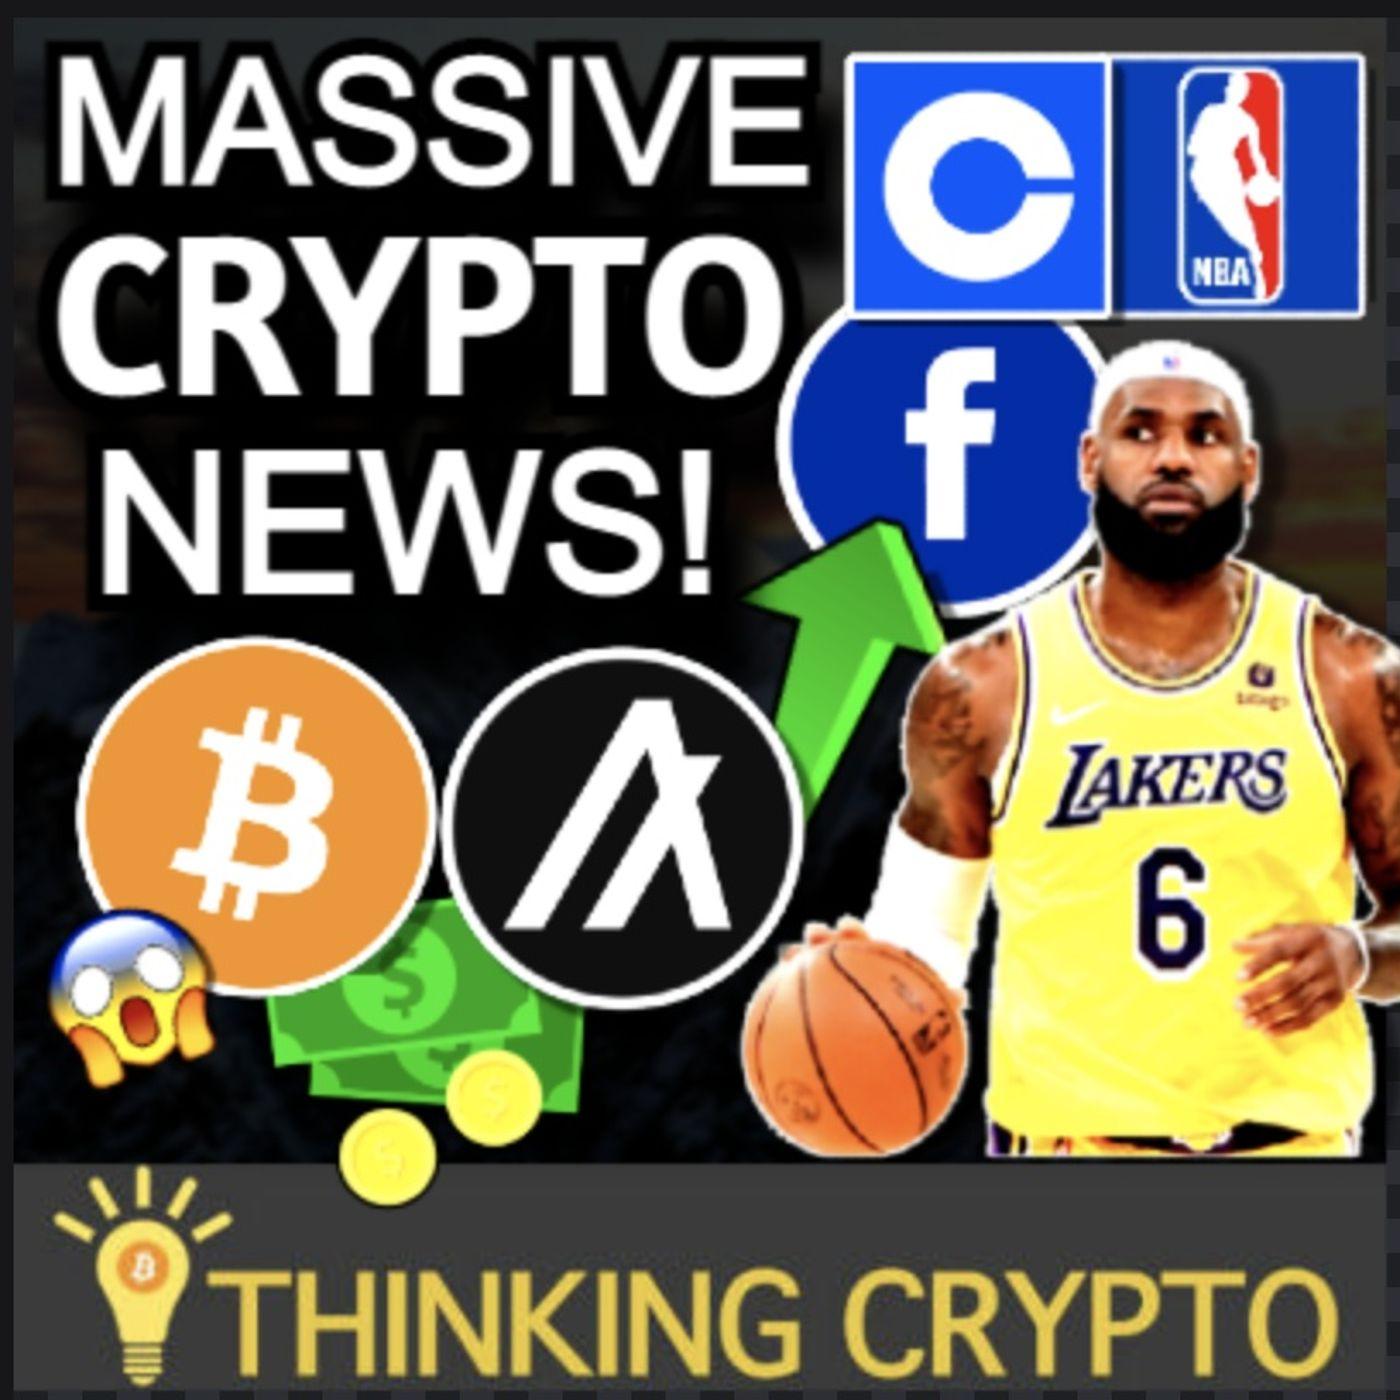 HUGE CRYPTO NEWS - BITCOIN ETF NYSE, COINBASE NBA WNBA & FACEBOOK, ALGORAND NBA GAME NFT